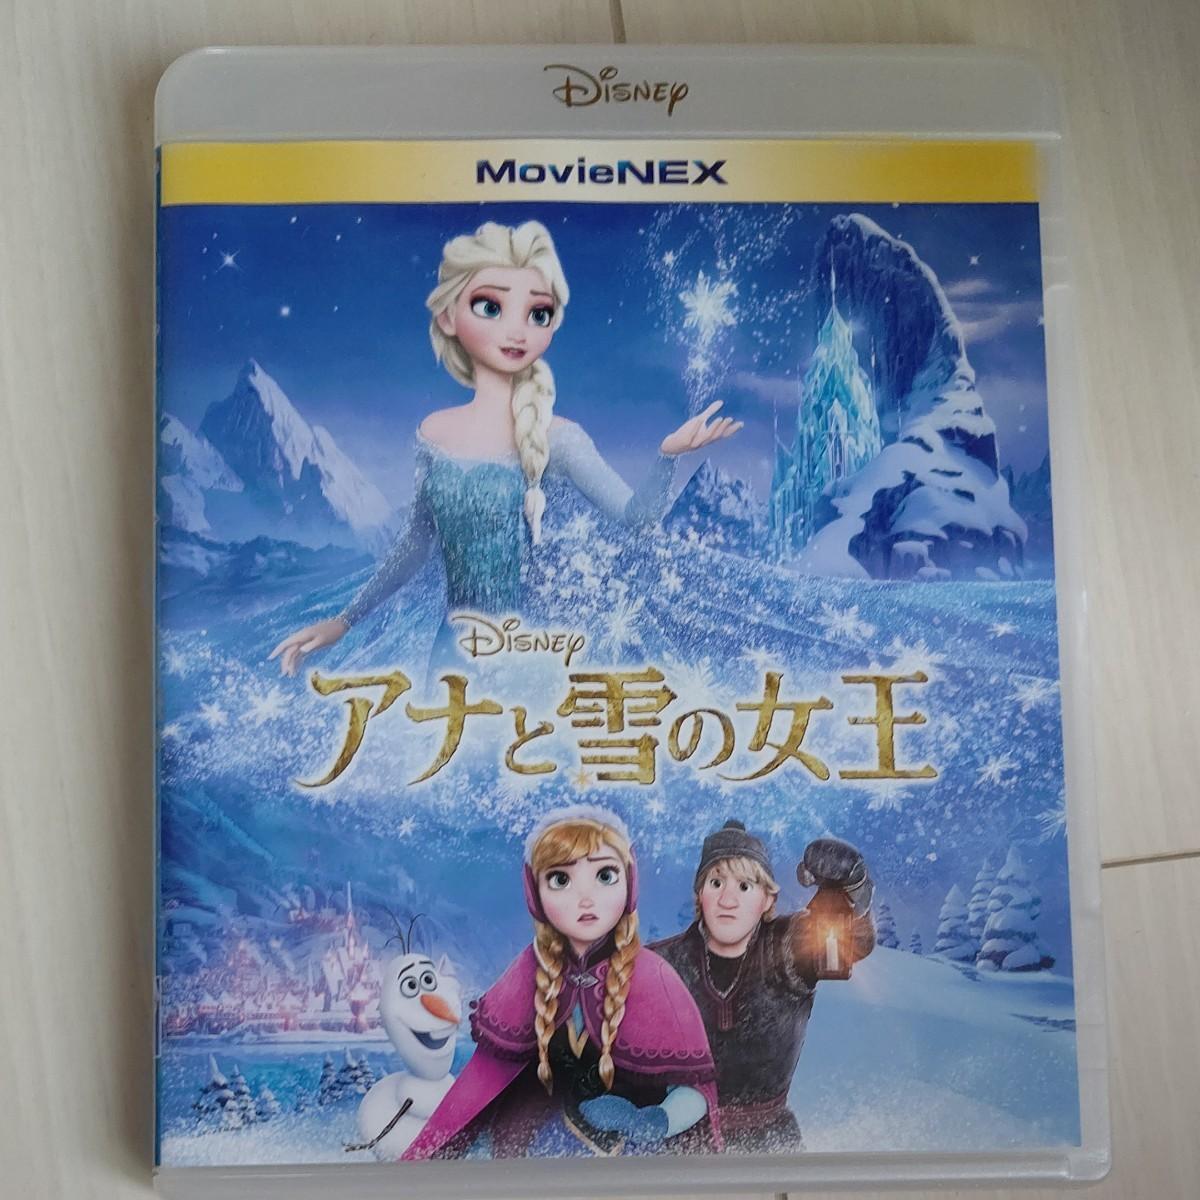 アナと雪の女王 DVD Blu-ray ディズニー